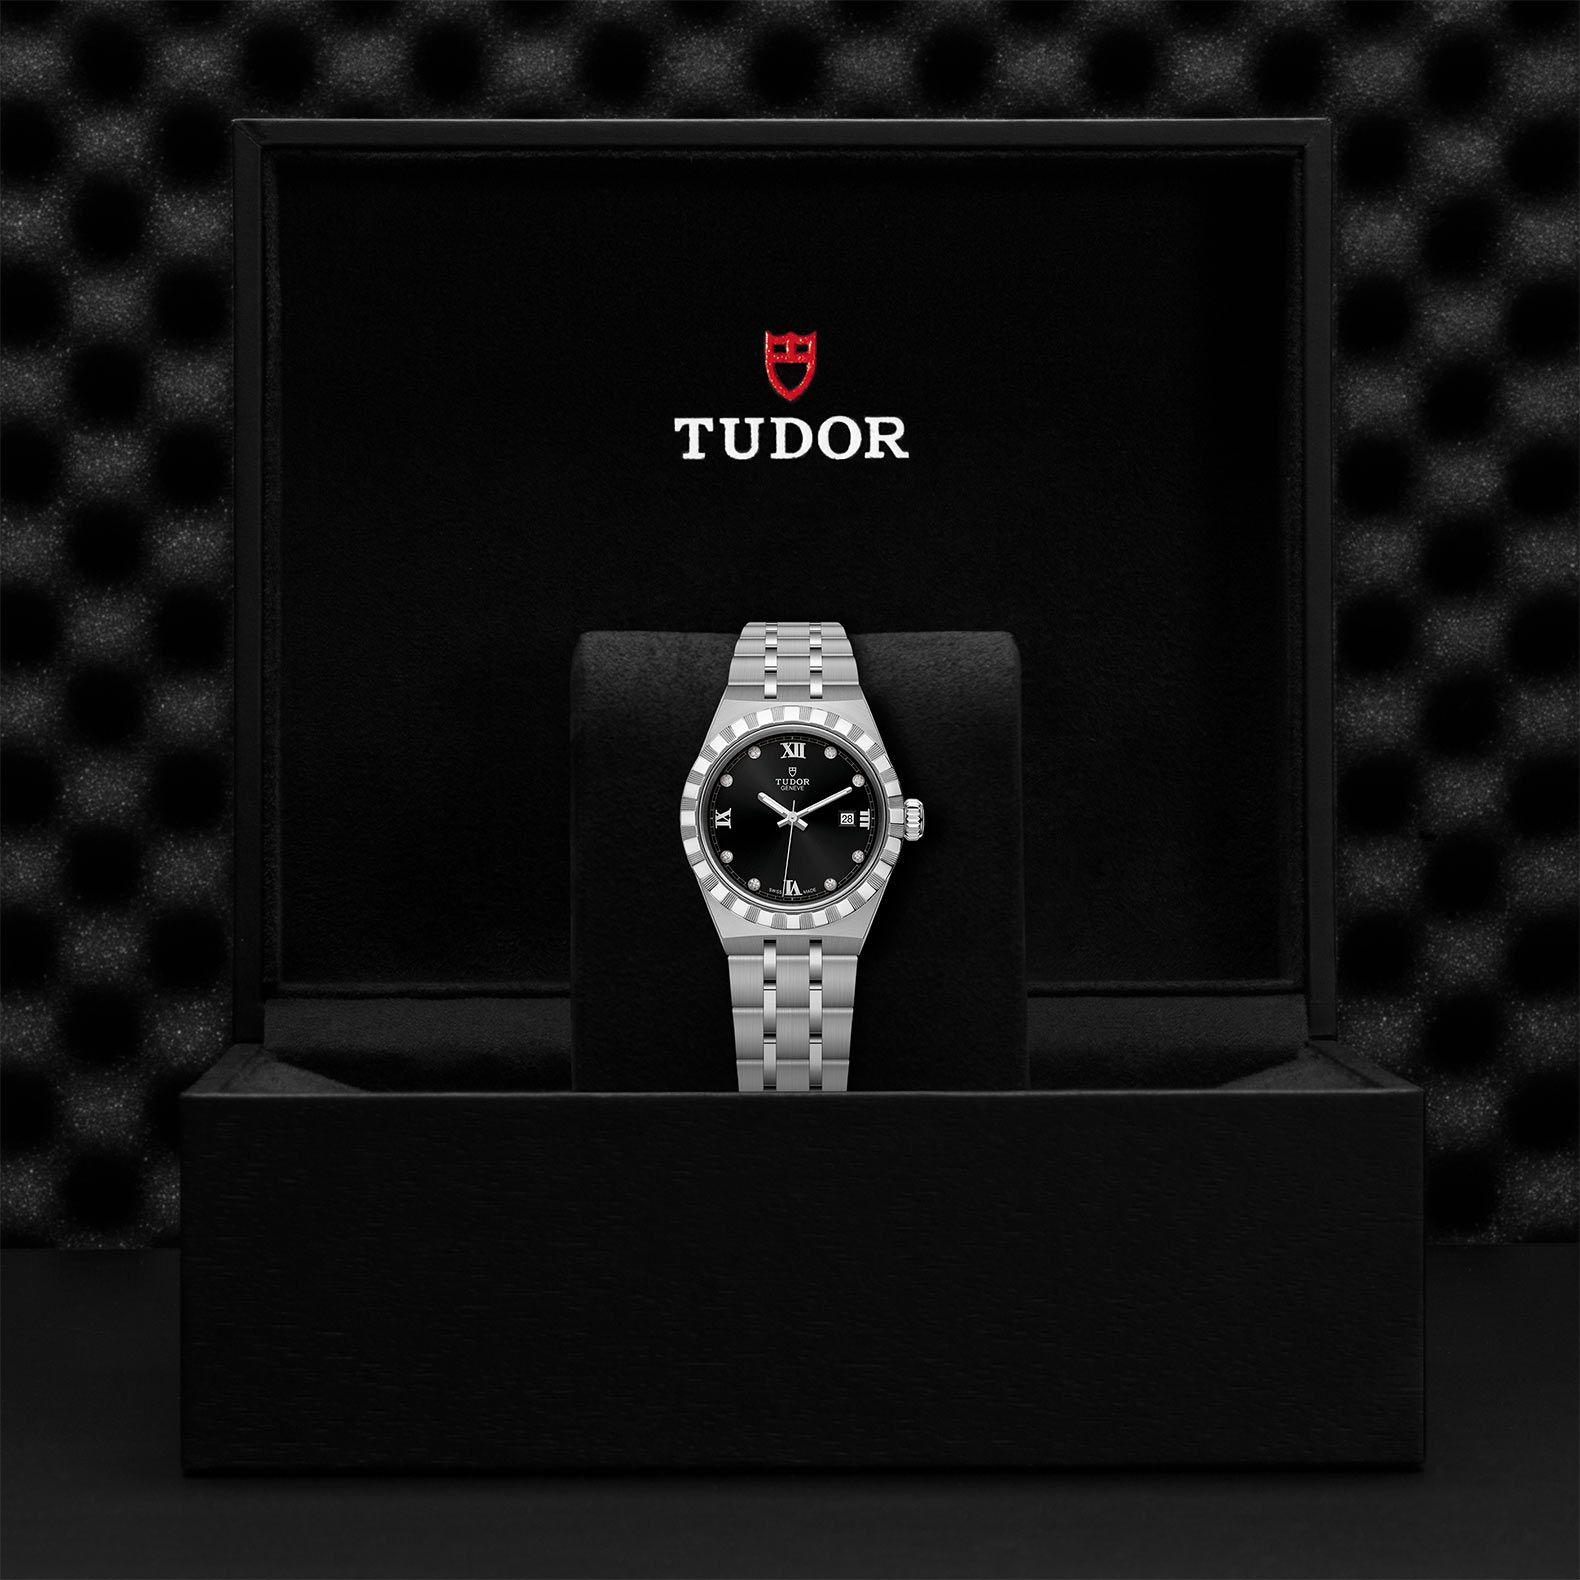 TUDOR ROYAL 28300 - 0004